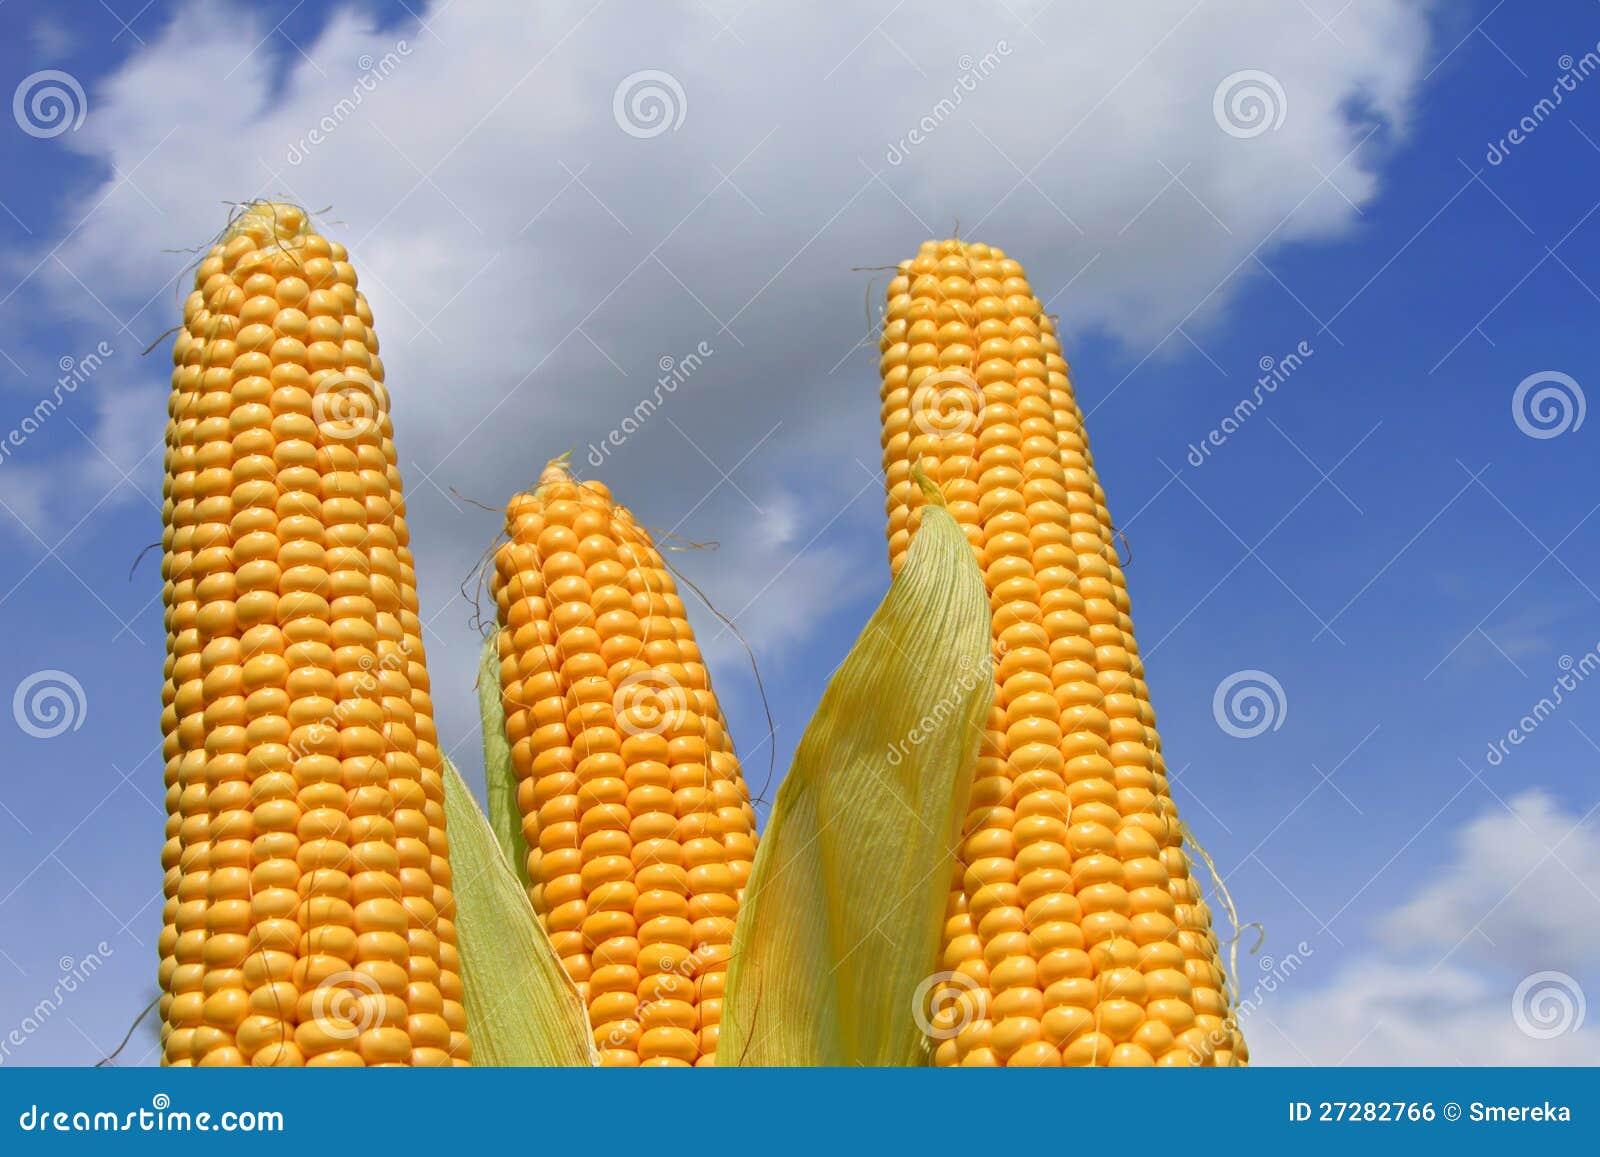 新玉米穗天空的图片